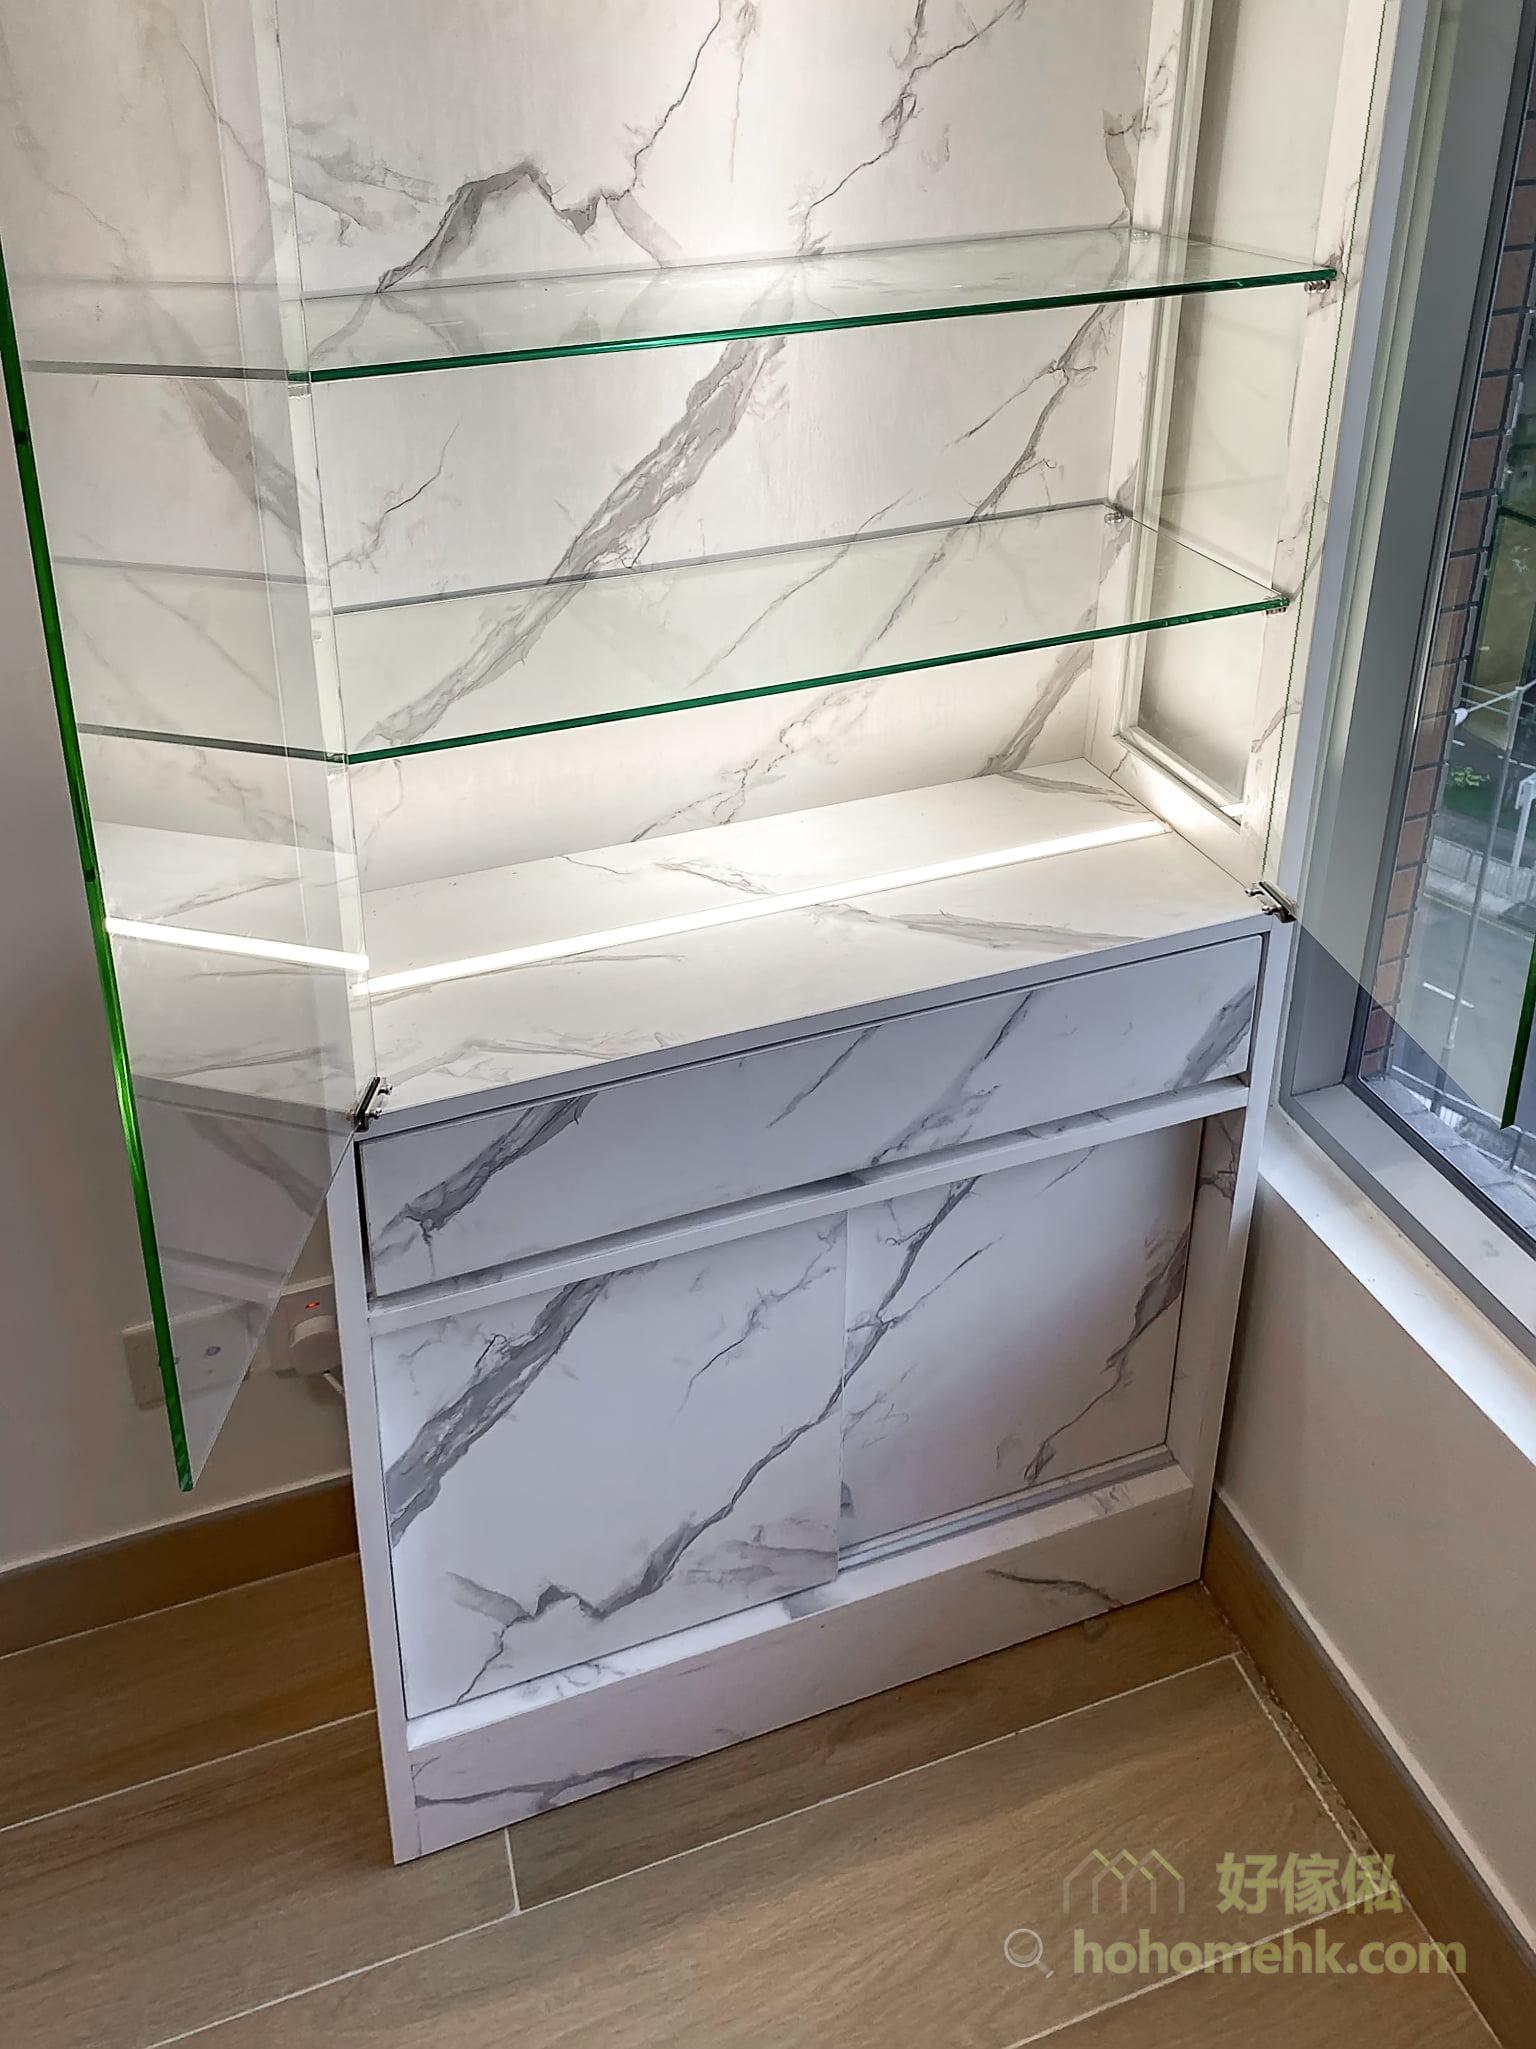 客廳的大理石紋飾物櫃, 飾物櫃下方可造抽屜及趟門櫃, 增加儲物空間